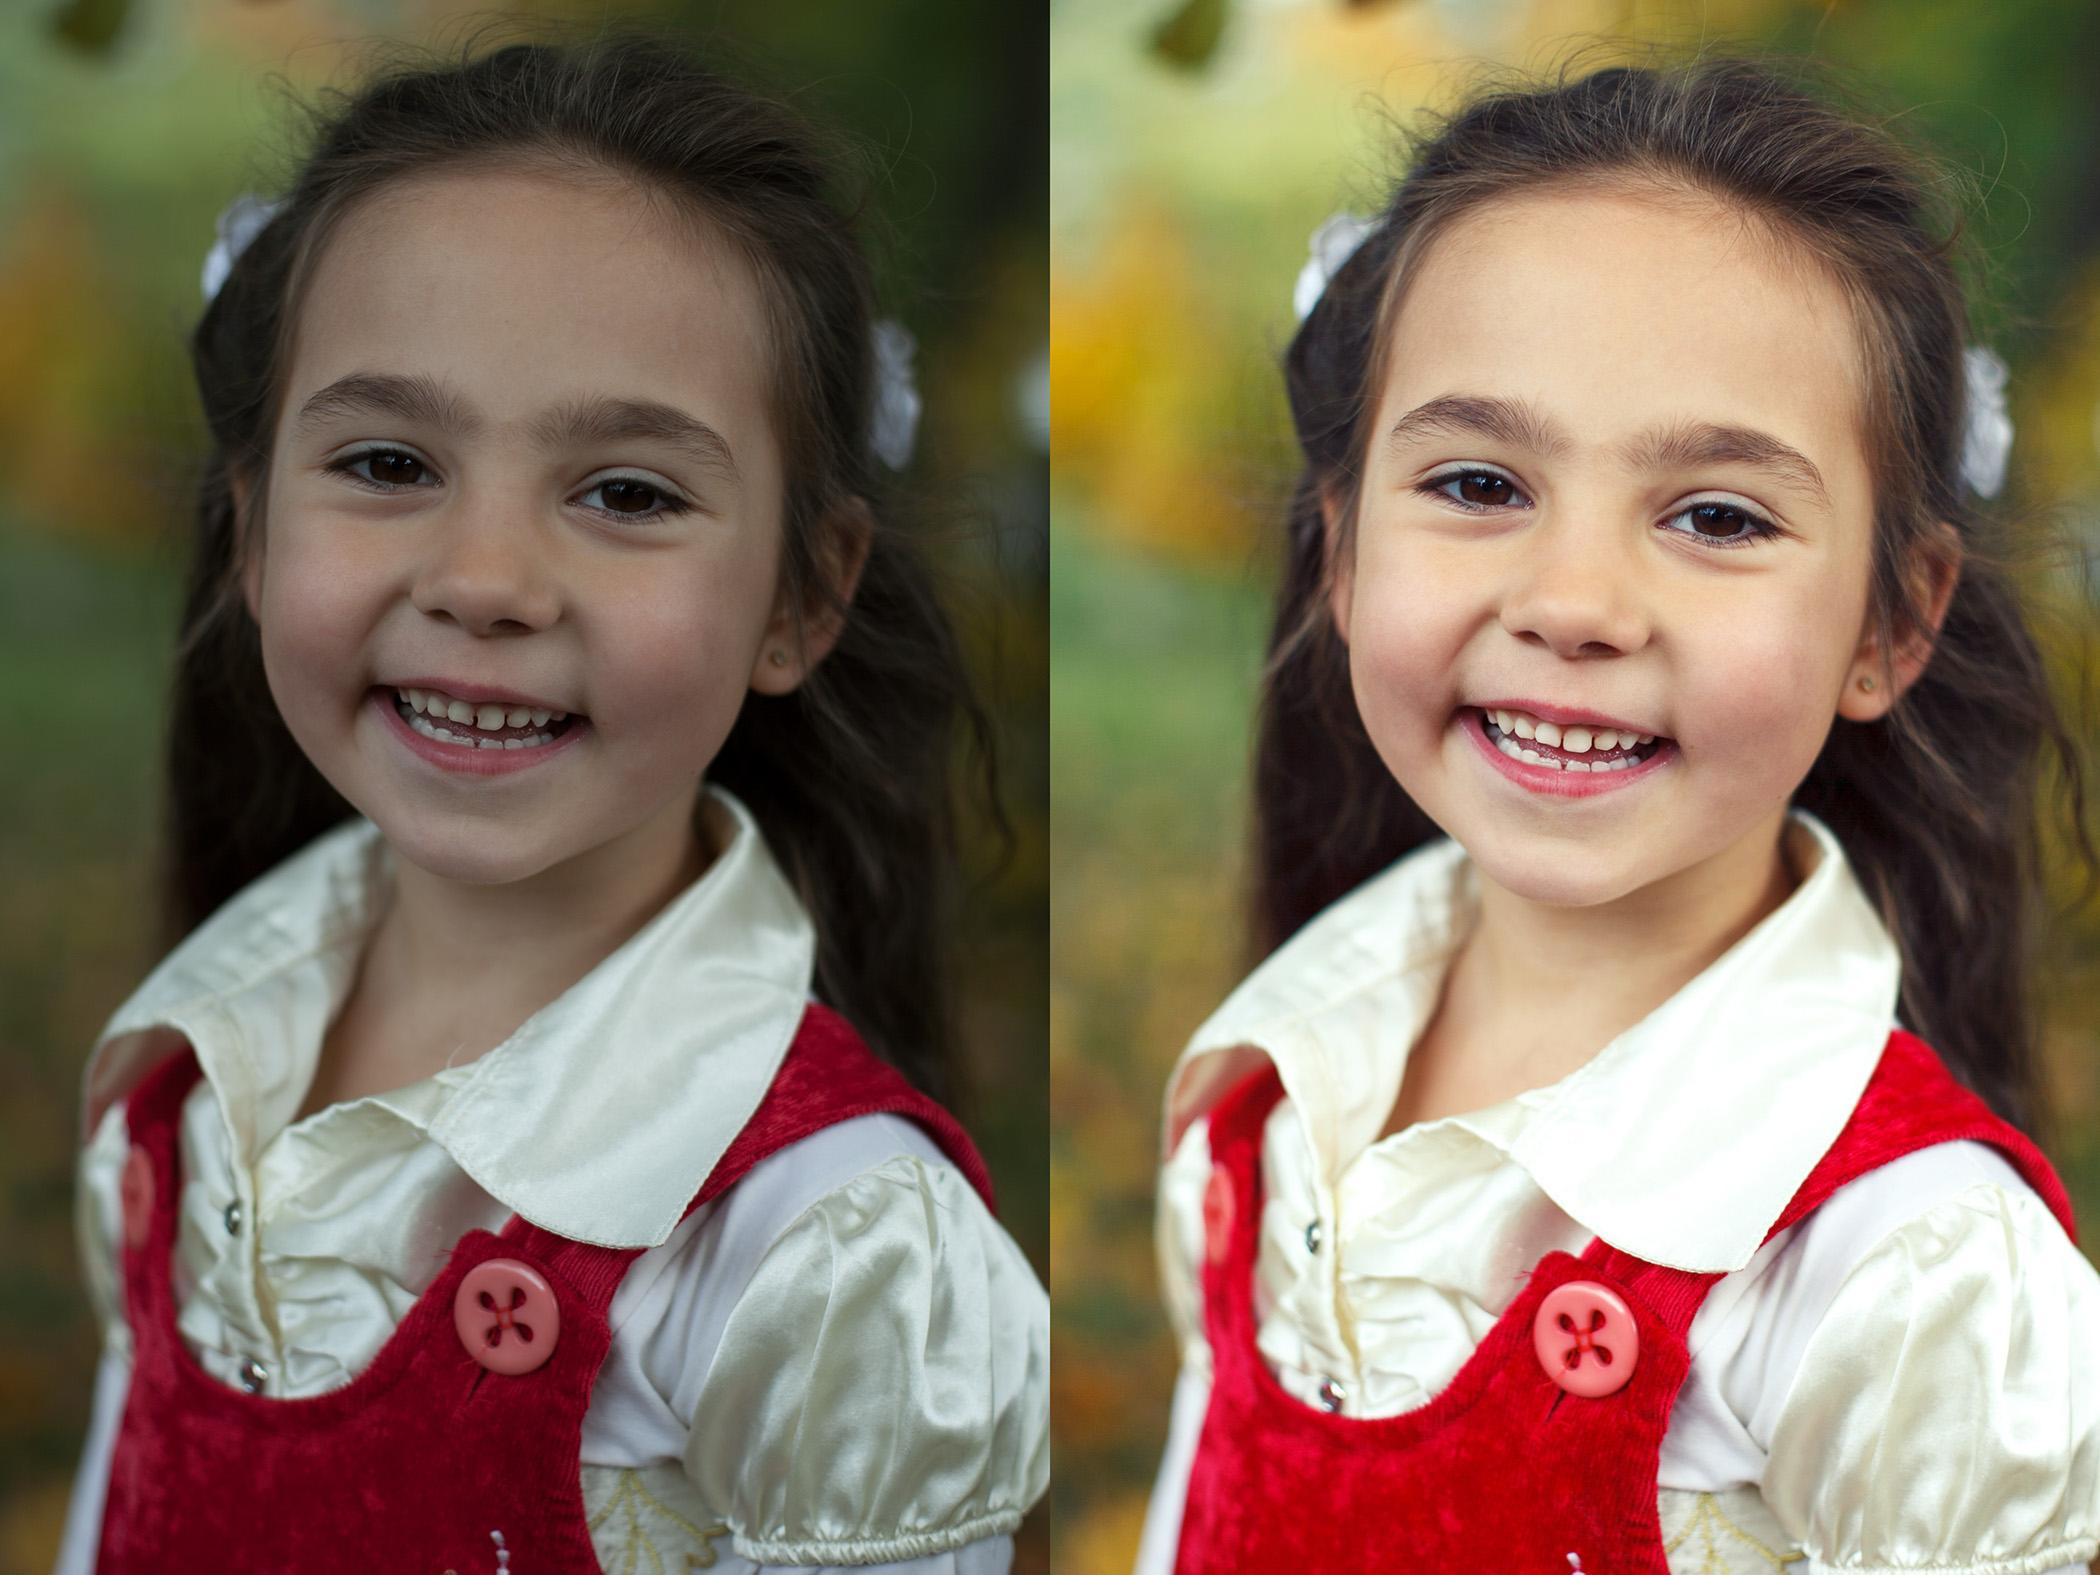 Детский портрет. Фотография, цветокоррекция, ретушь.